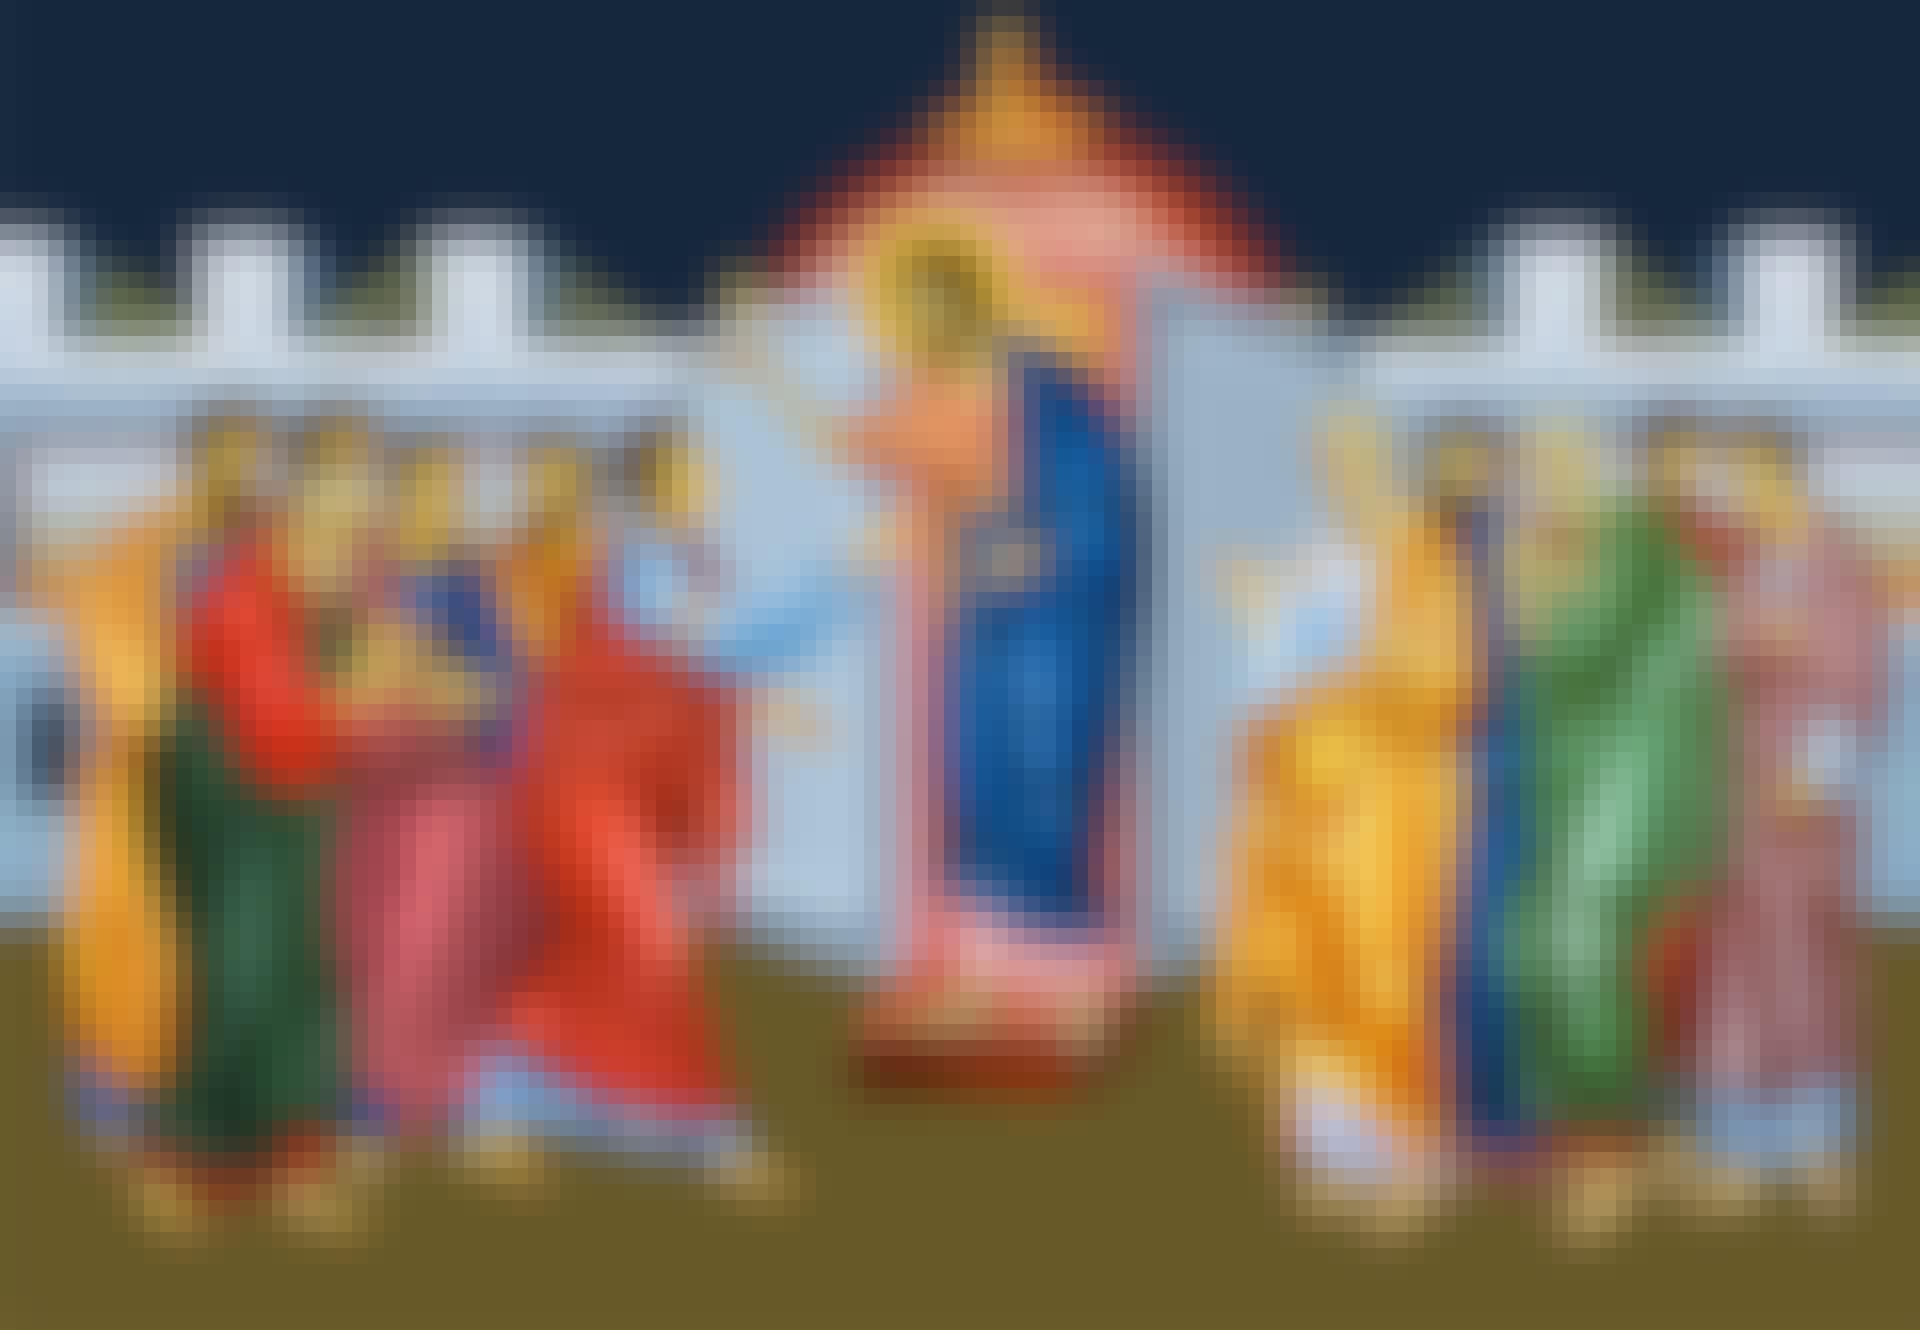 Väggmålning av Kristi himmelsfärd